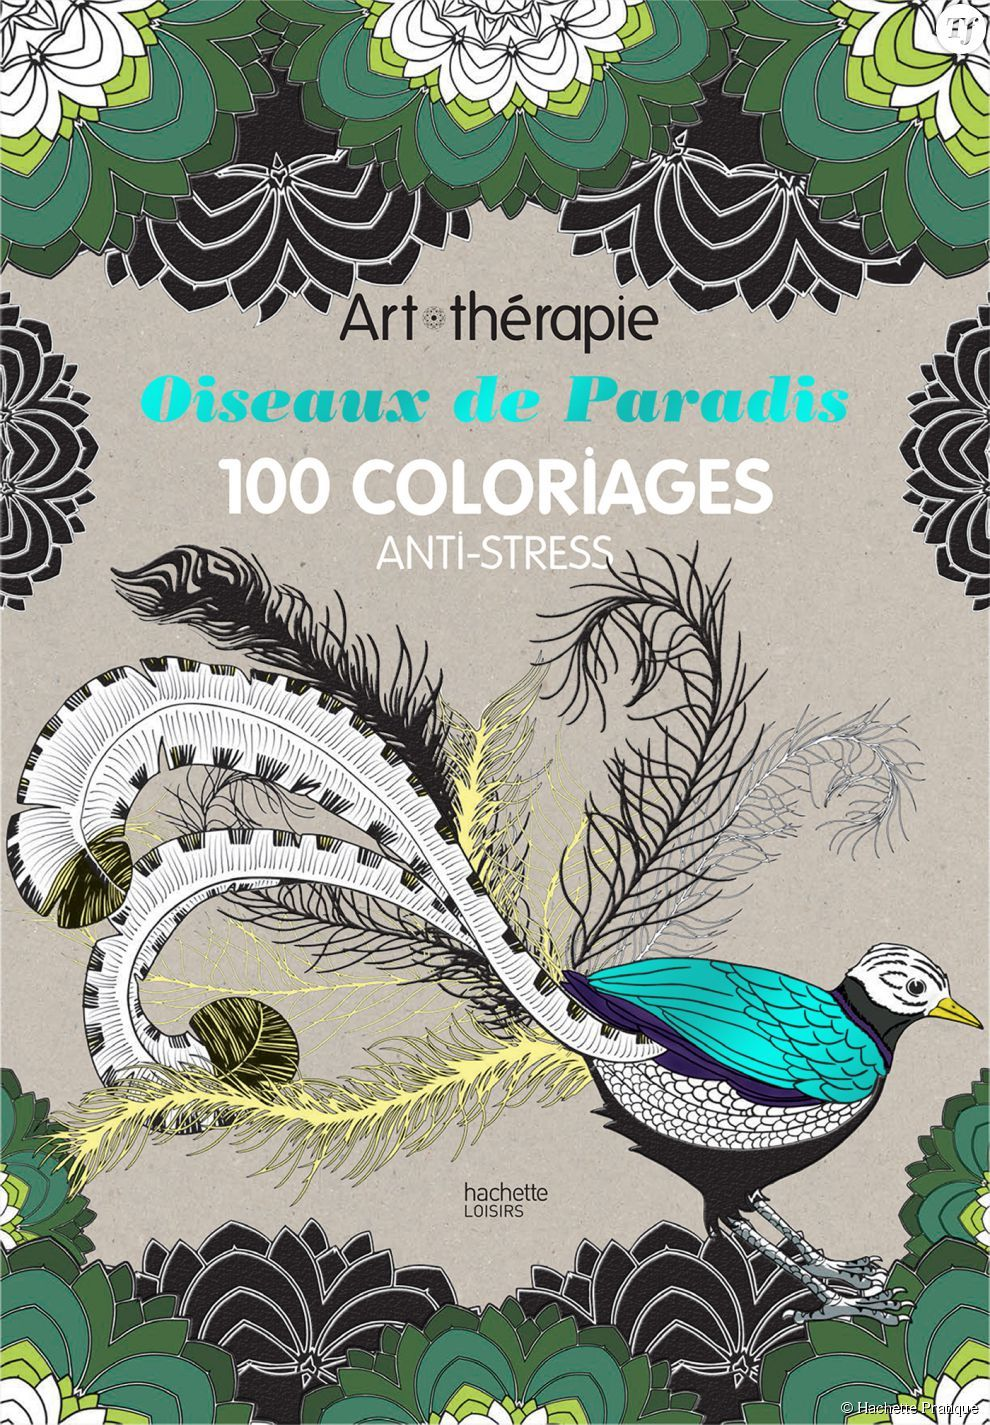 oiseaux de paradis 100 coloriages anti stress art thrapie hachette - Livre De Coloriage Anti Stress